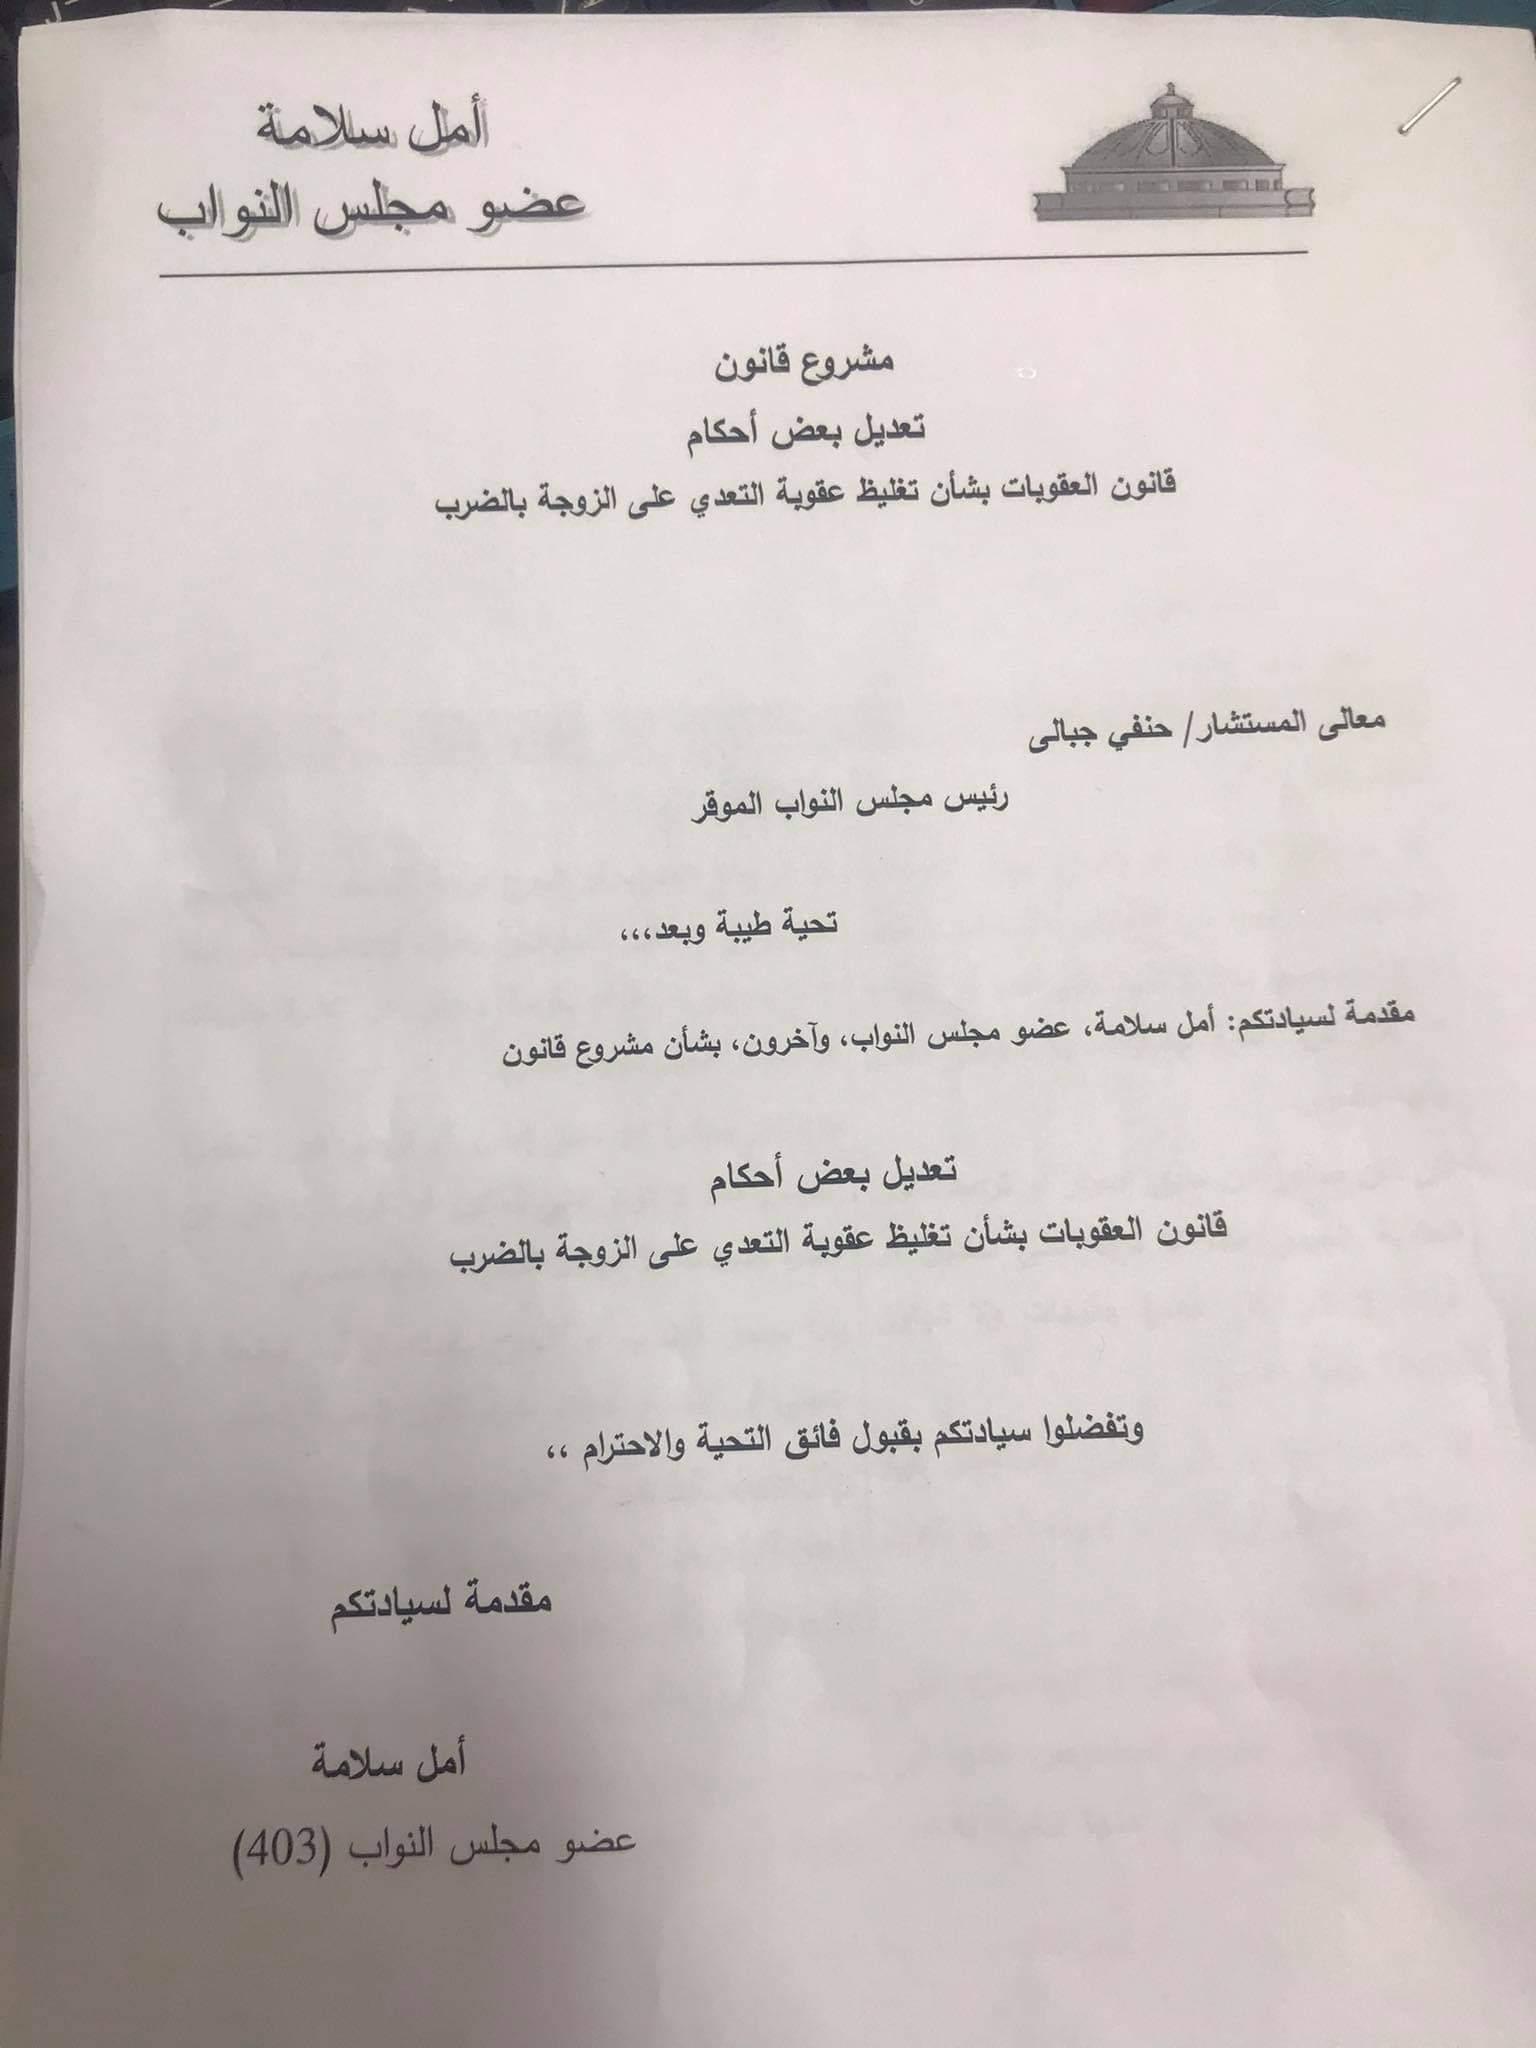 ننشر بالمستندات تفاصيل مشروع قانون بتغليظ عقوبة التعدي على الزوجة بالضرب والحبس من 3 لـ5 سنوات ينتظر الأزواج 3